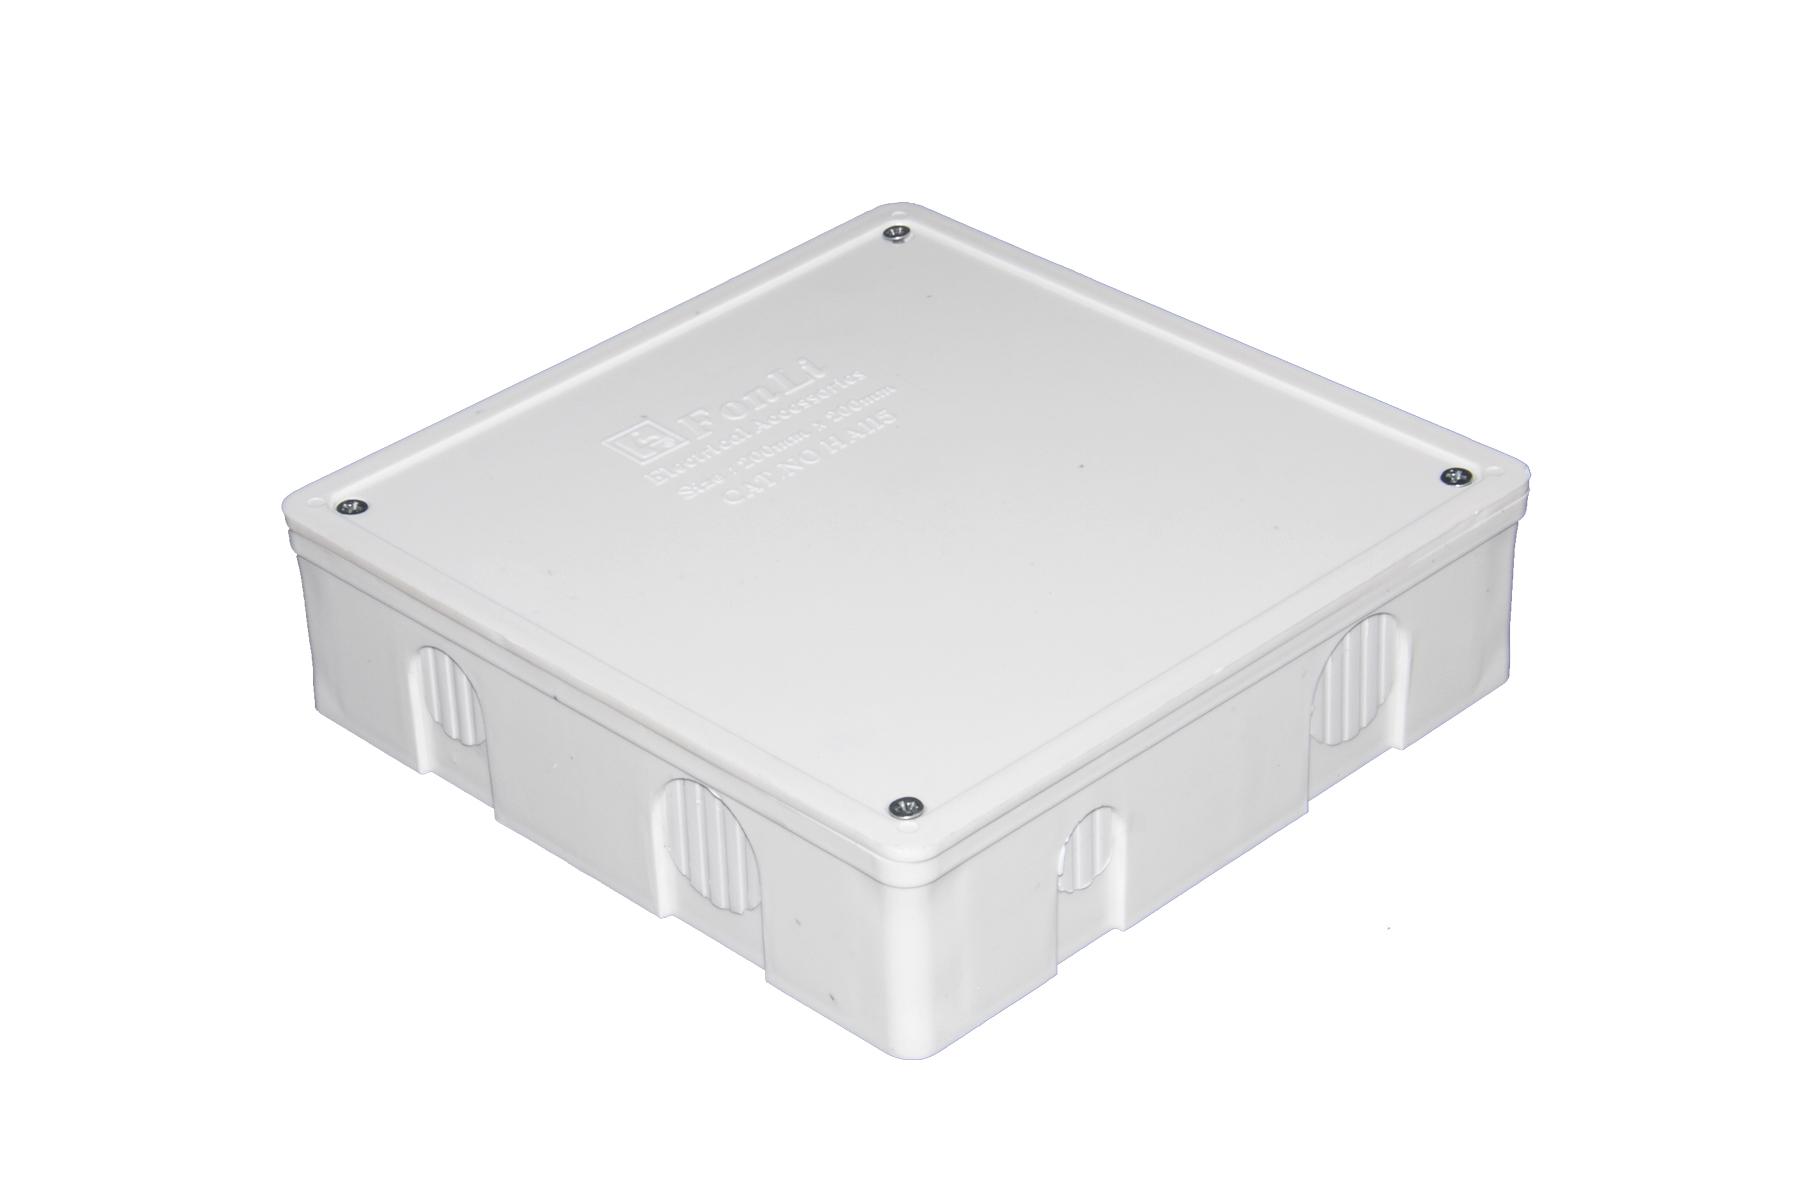 Cable box 153 x 153 x 56 TGCN-39299 TienPhatPlastic